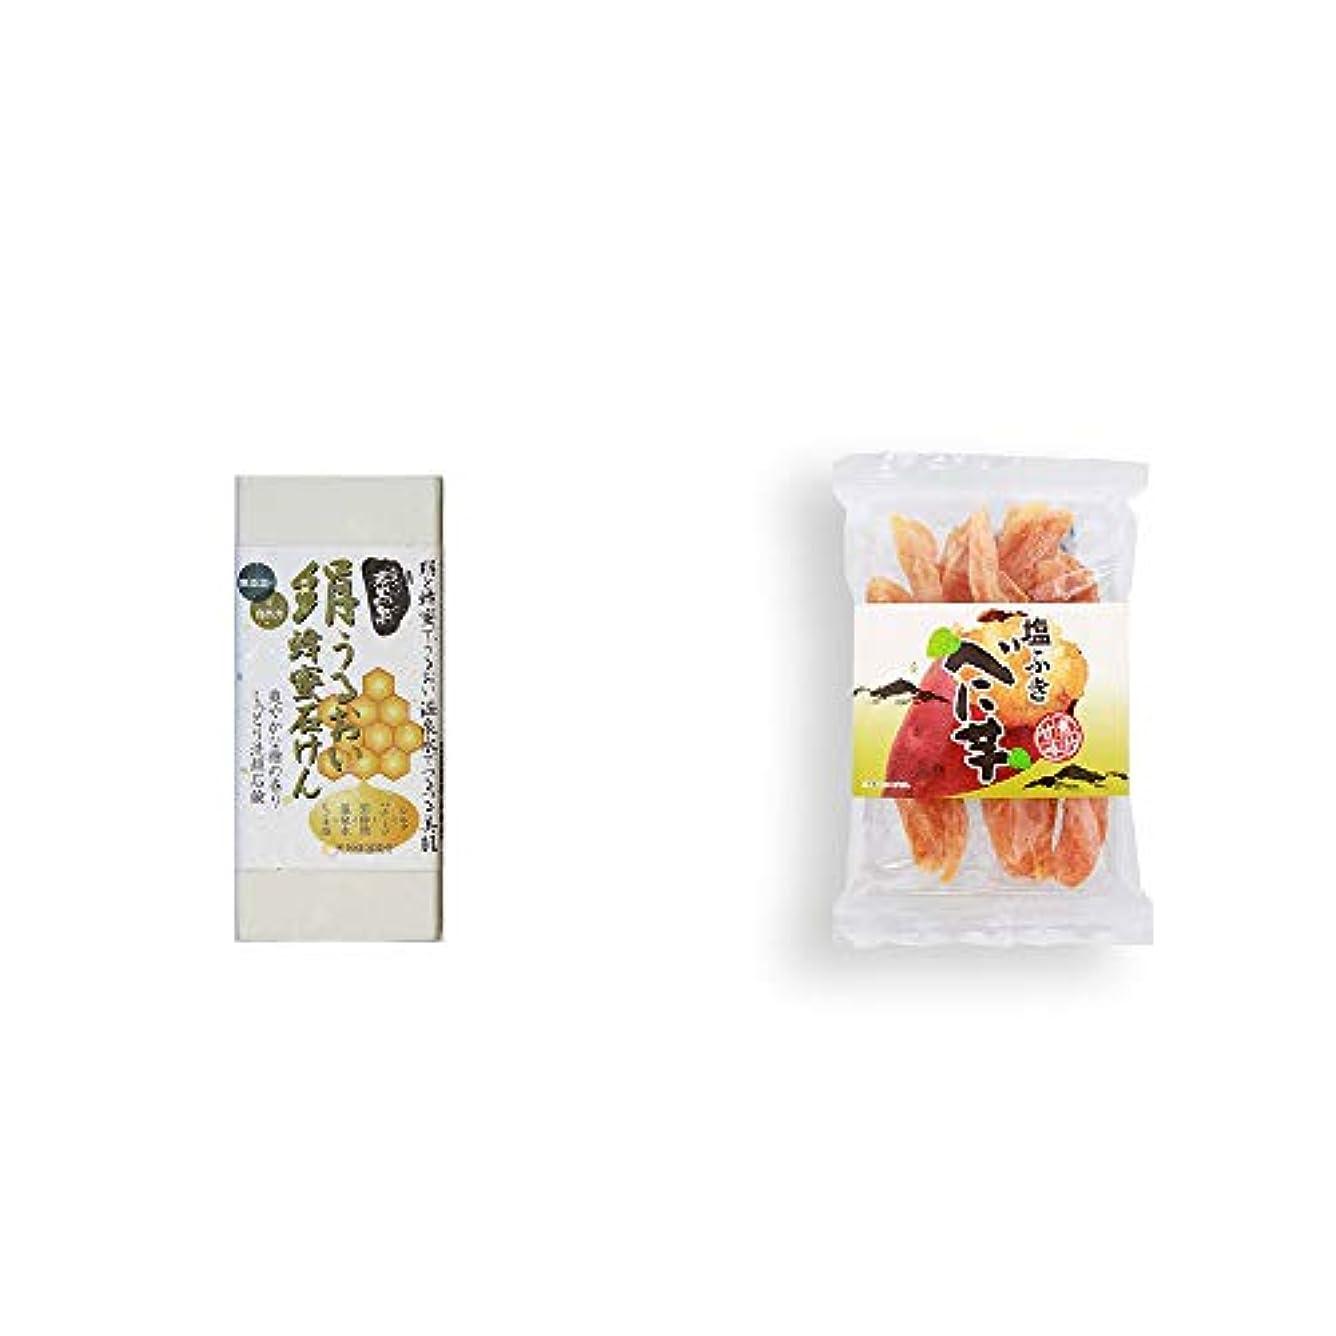 殺人者シェード溶融[2点セット] ひのき炭黒泉 絹うるおい蜂蜜石けん(75g×2)?塩ふき べに芋(250g)